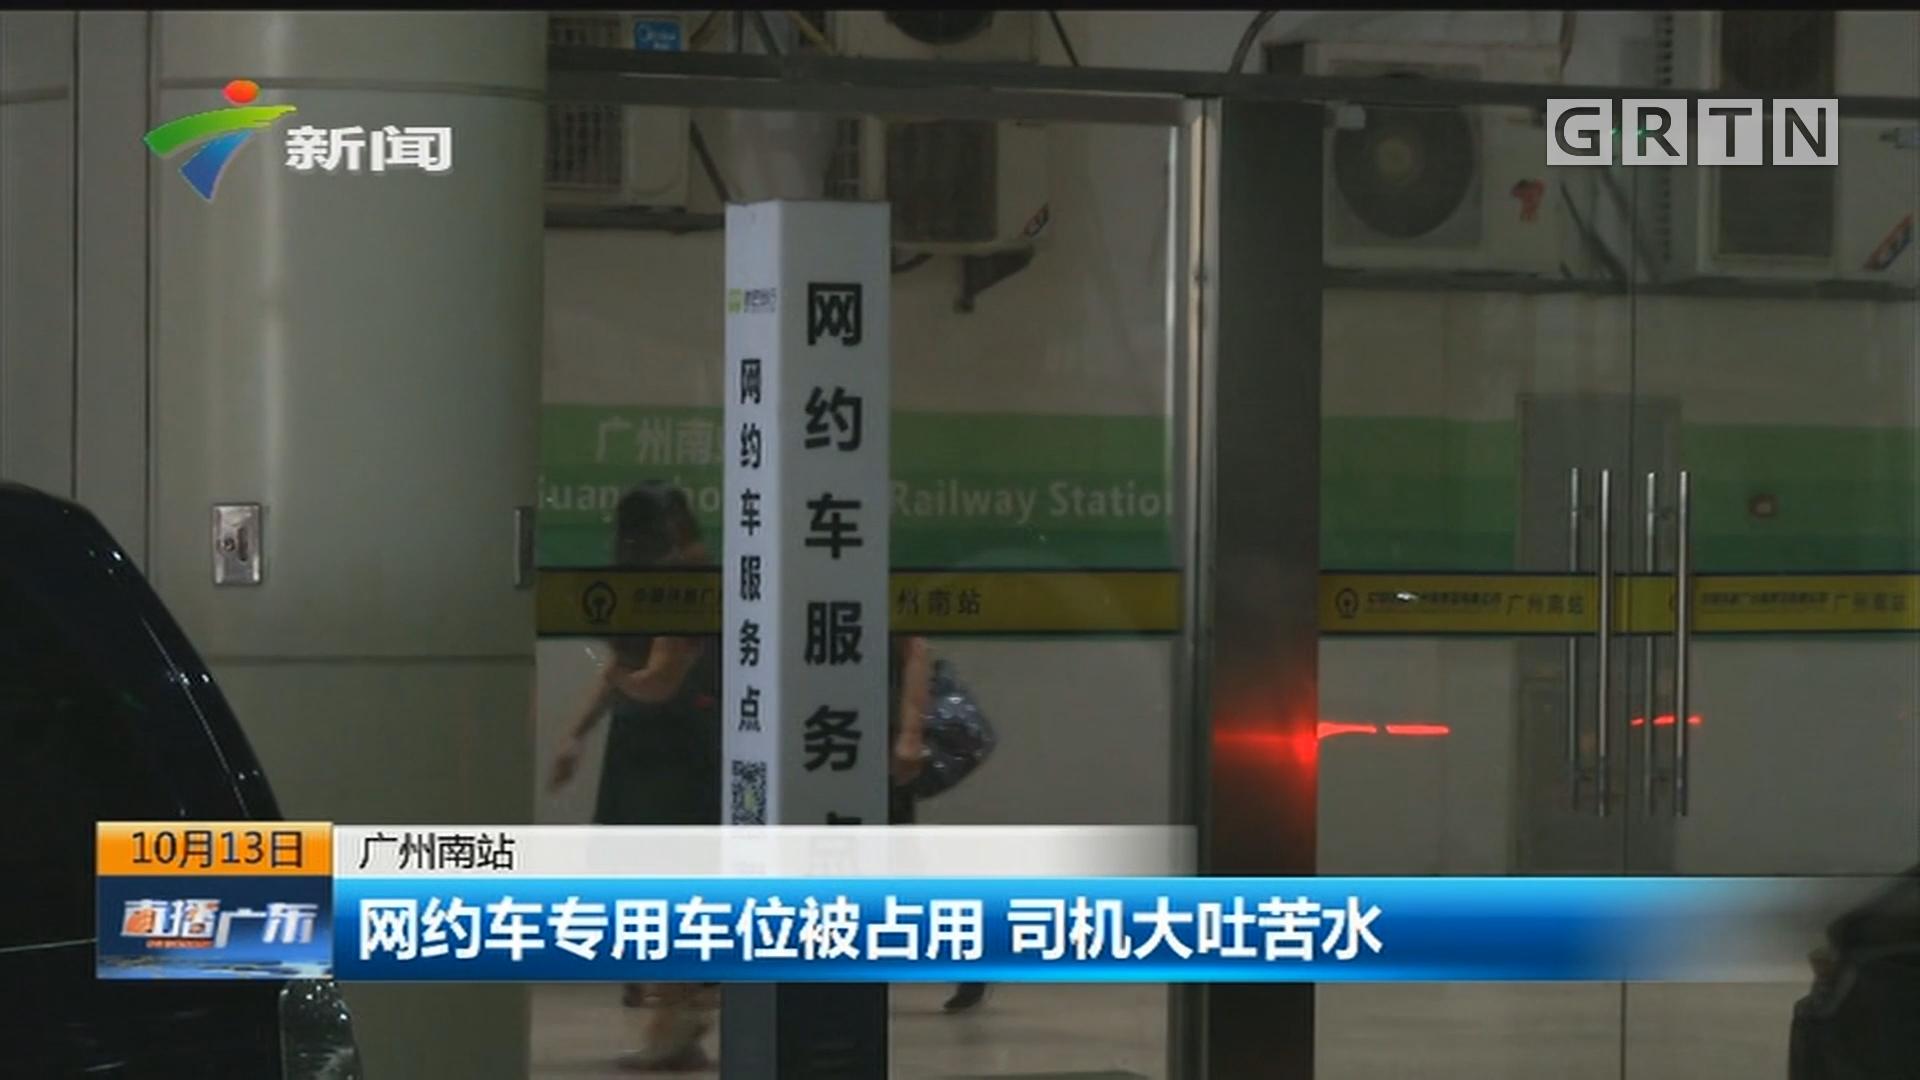 广州南站:网约车专用车位被占用 司机大吐苦水